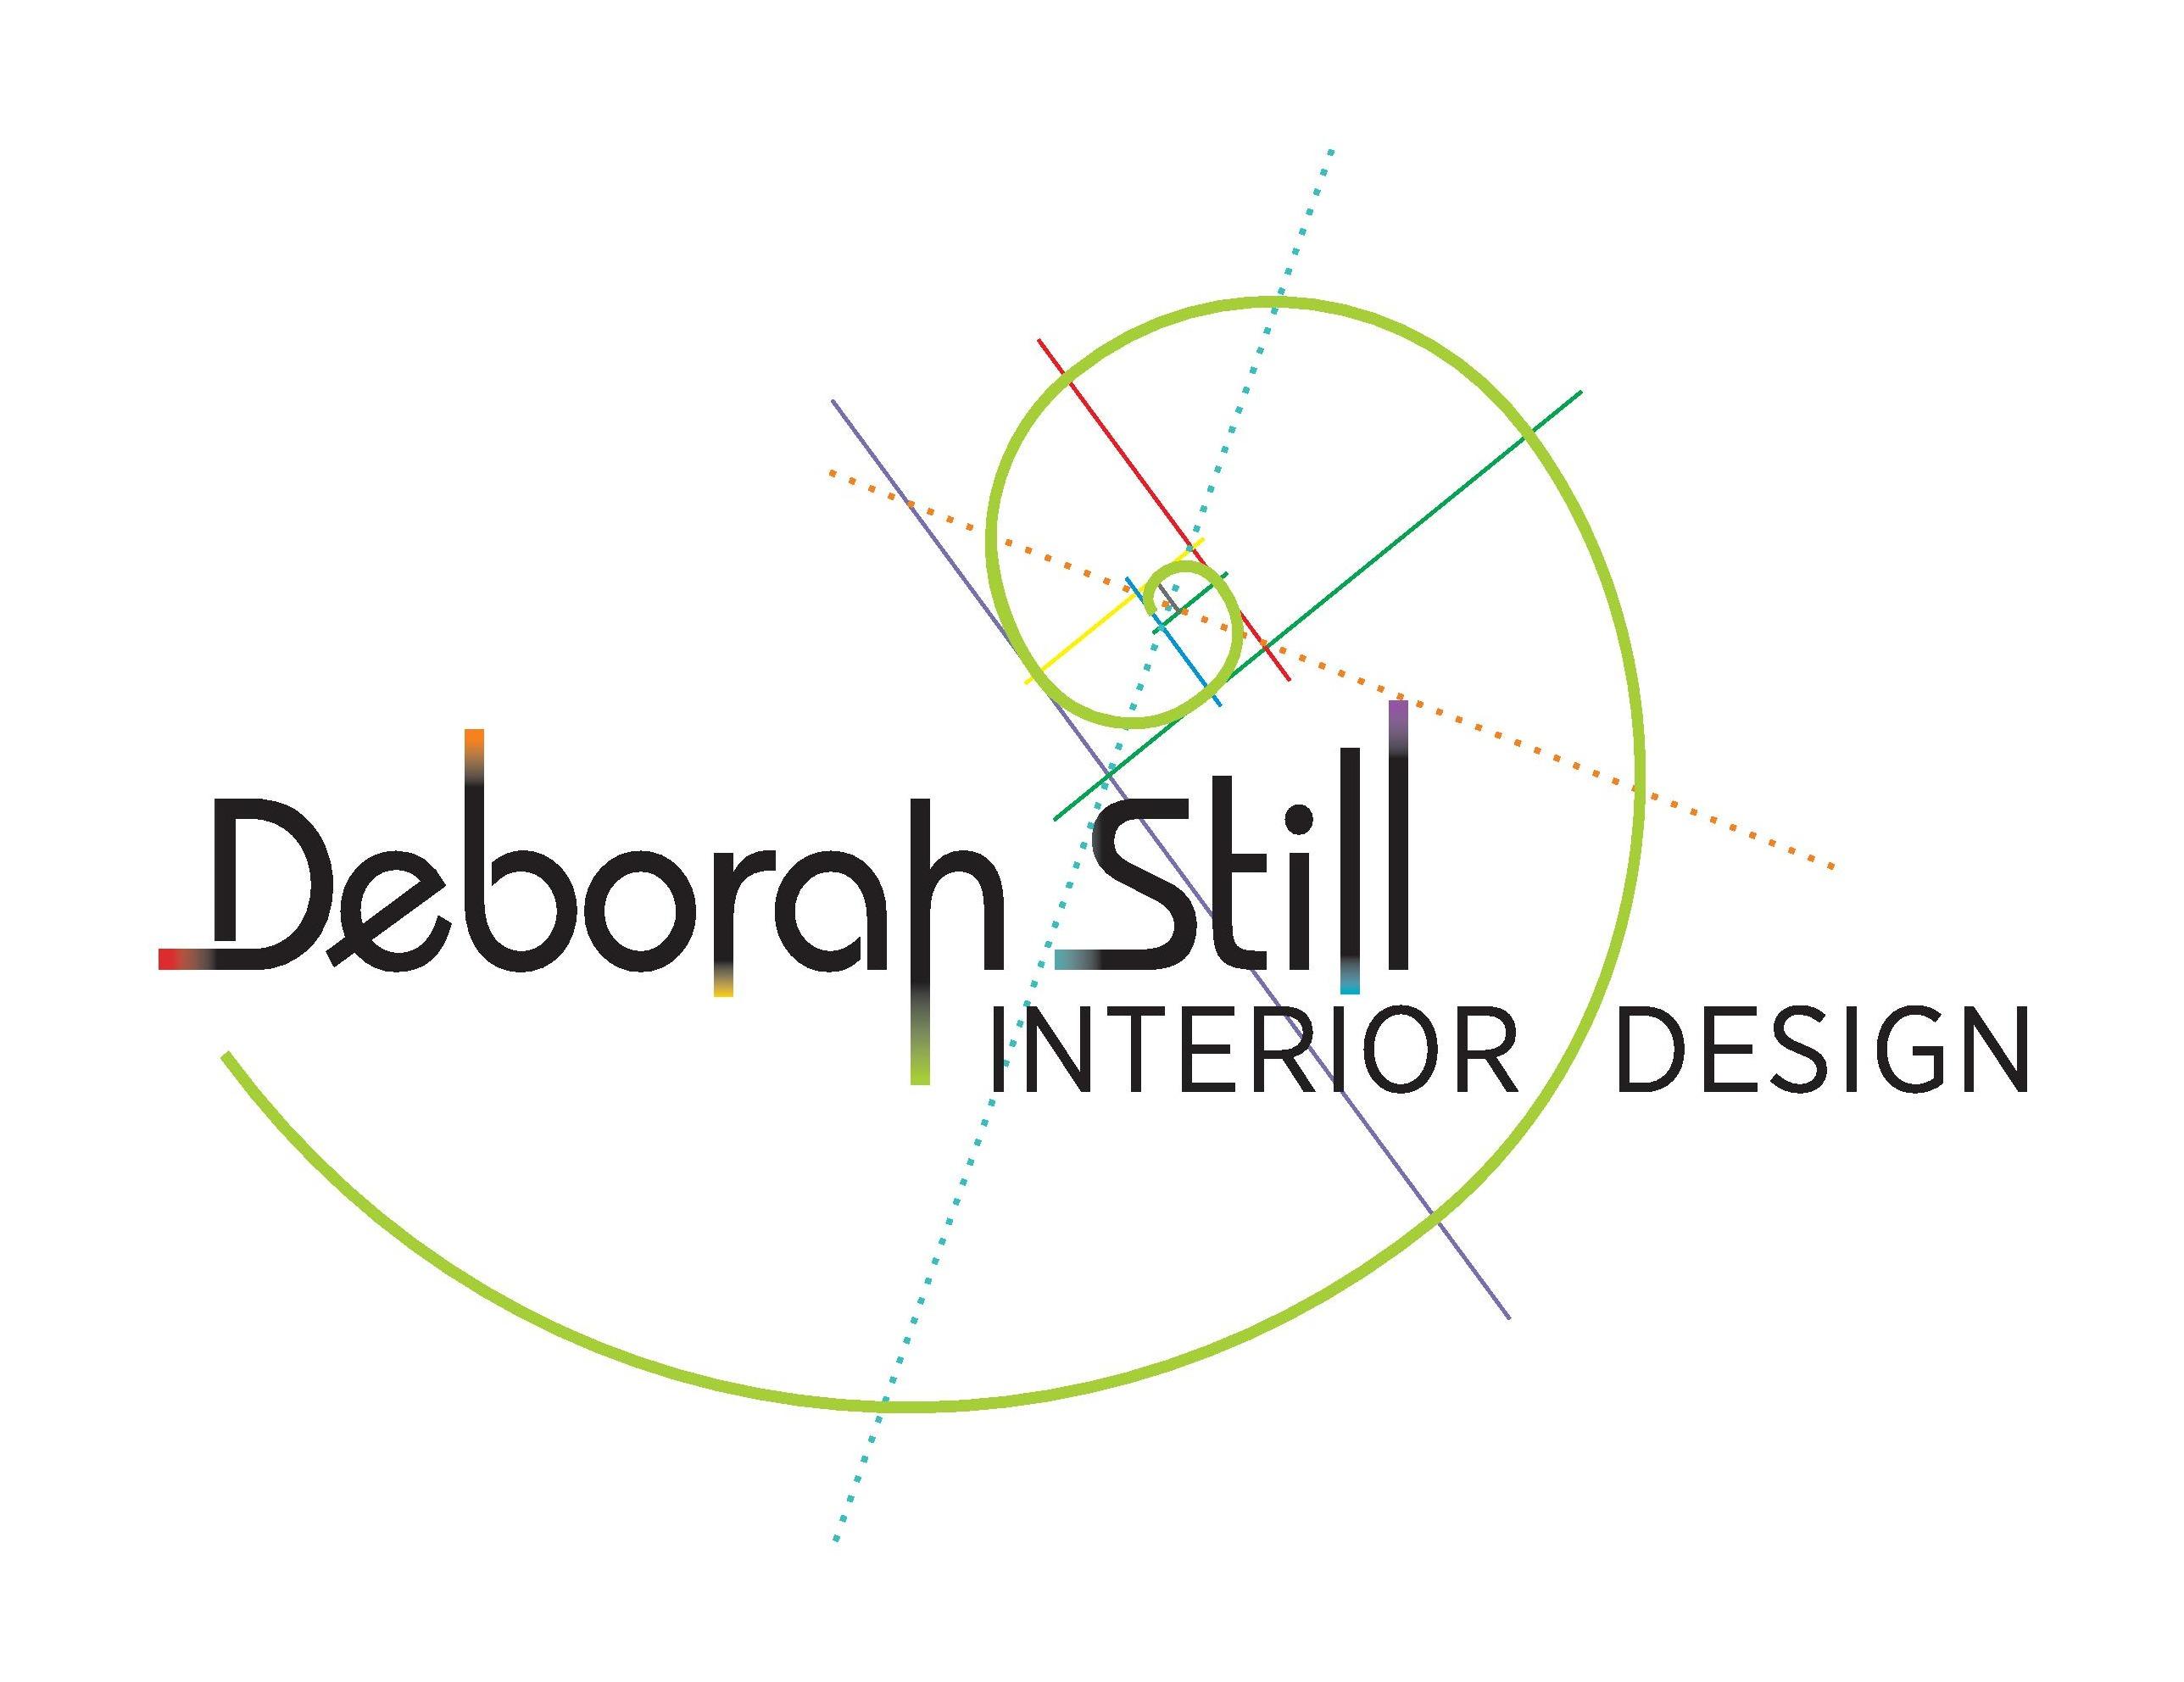 Still Deborah Interior Design